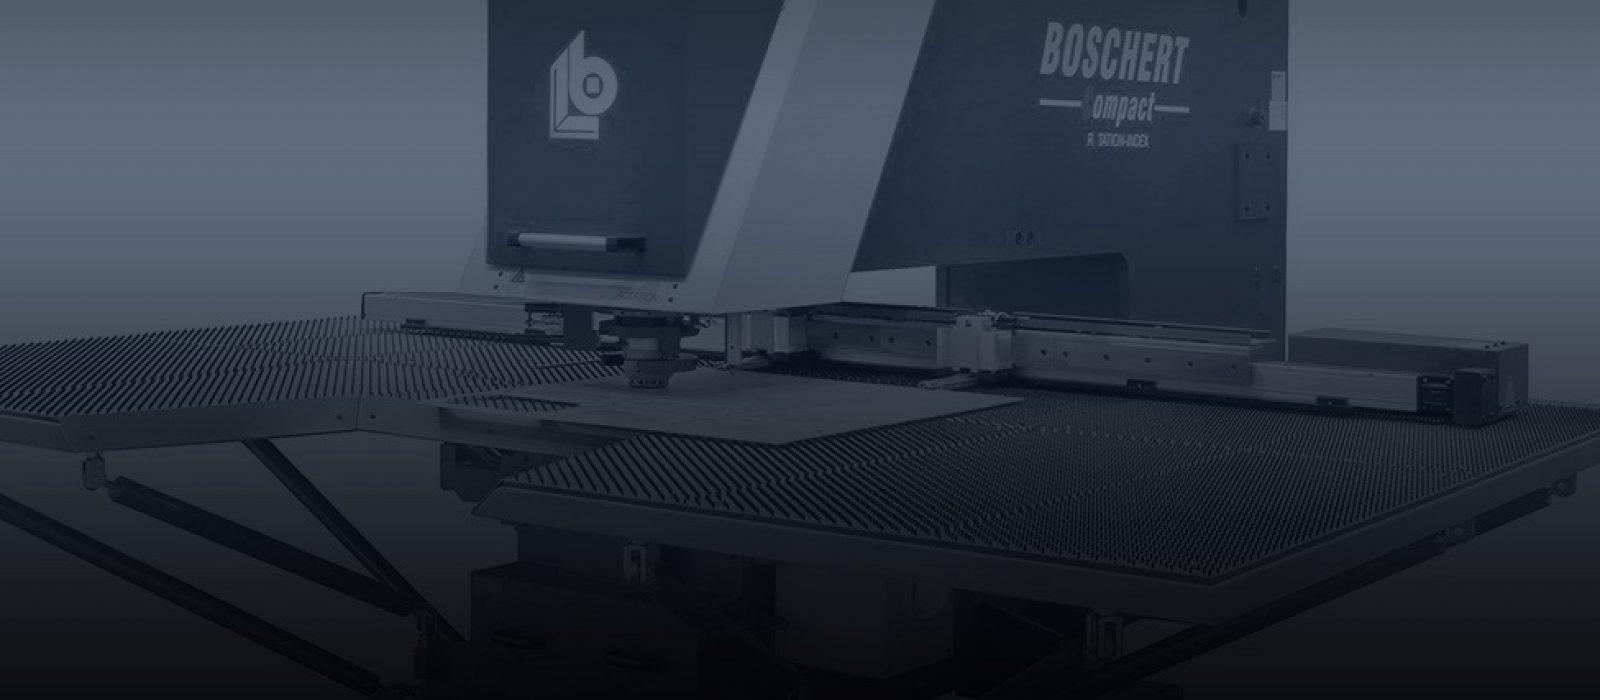 Boschert product